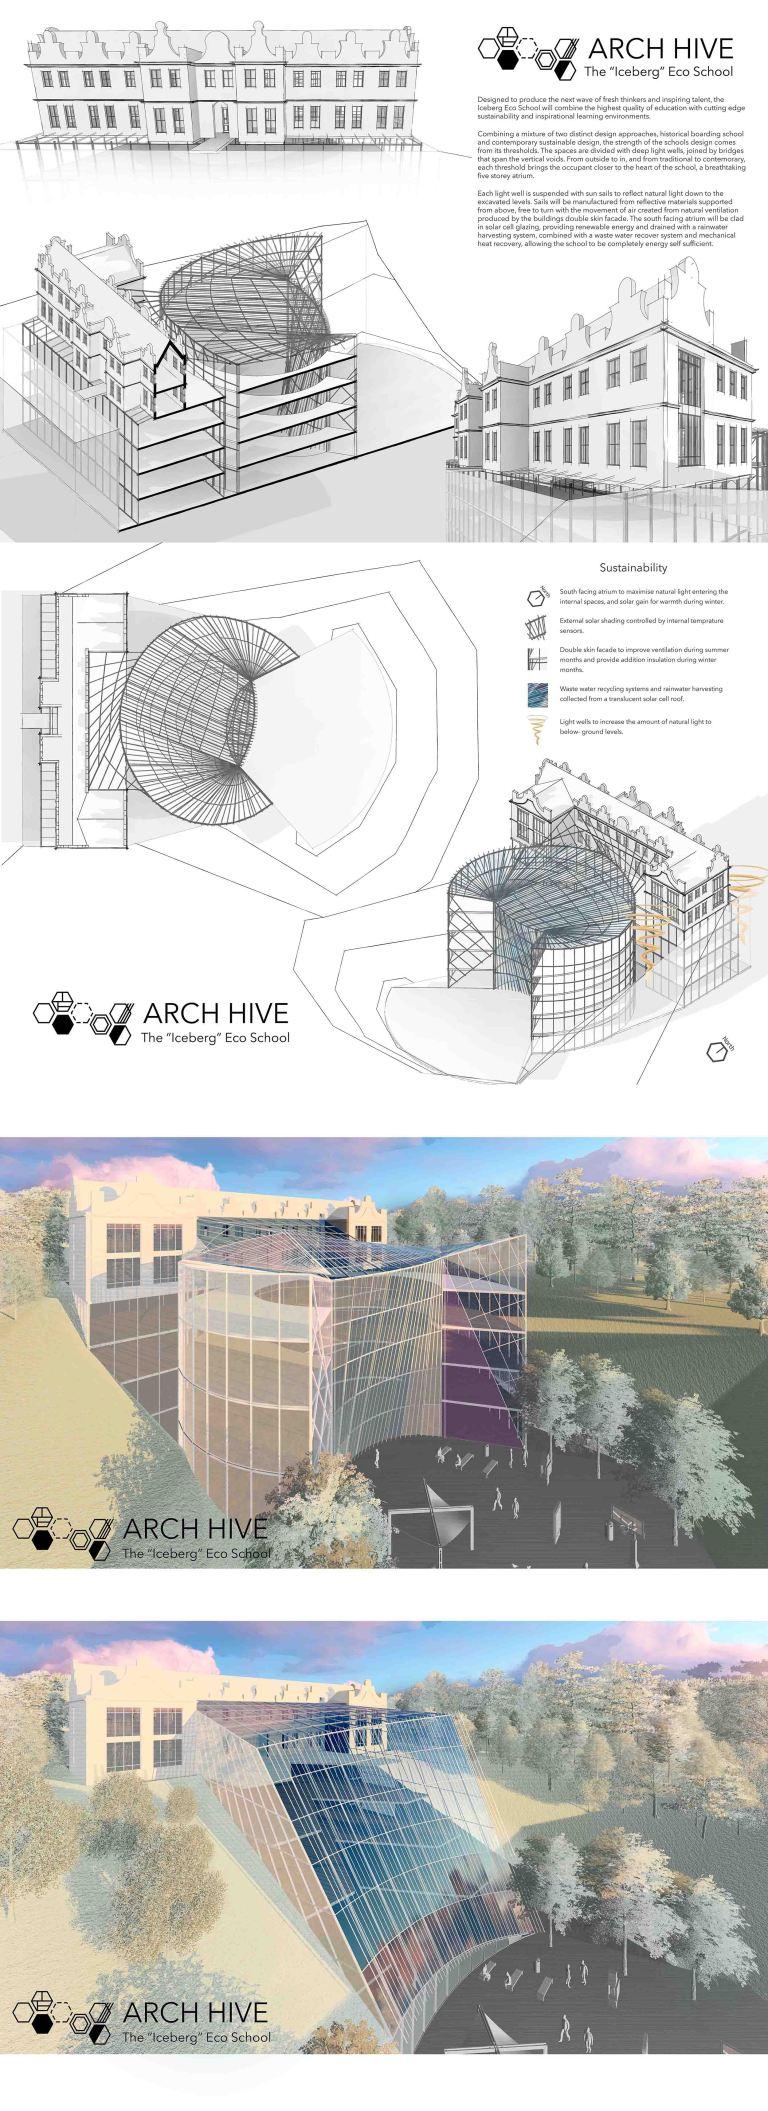 Concept - Iceberg Eco School